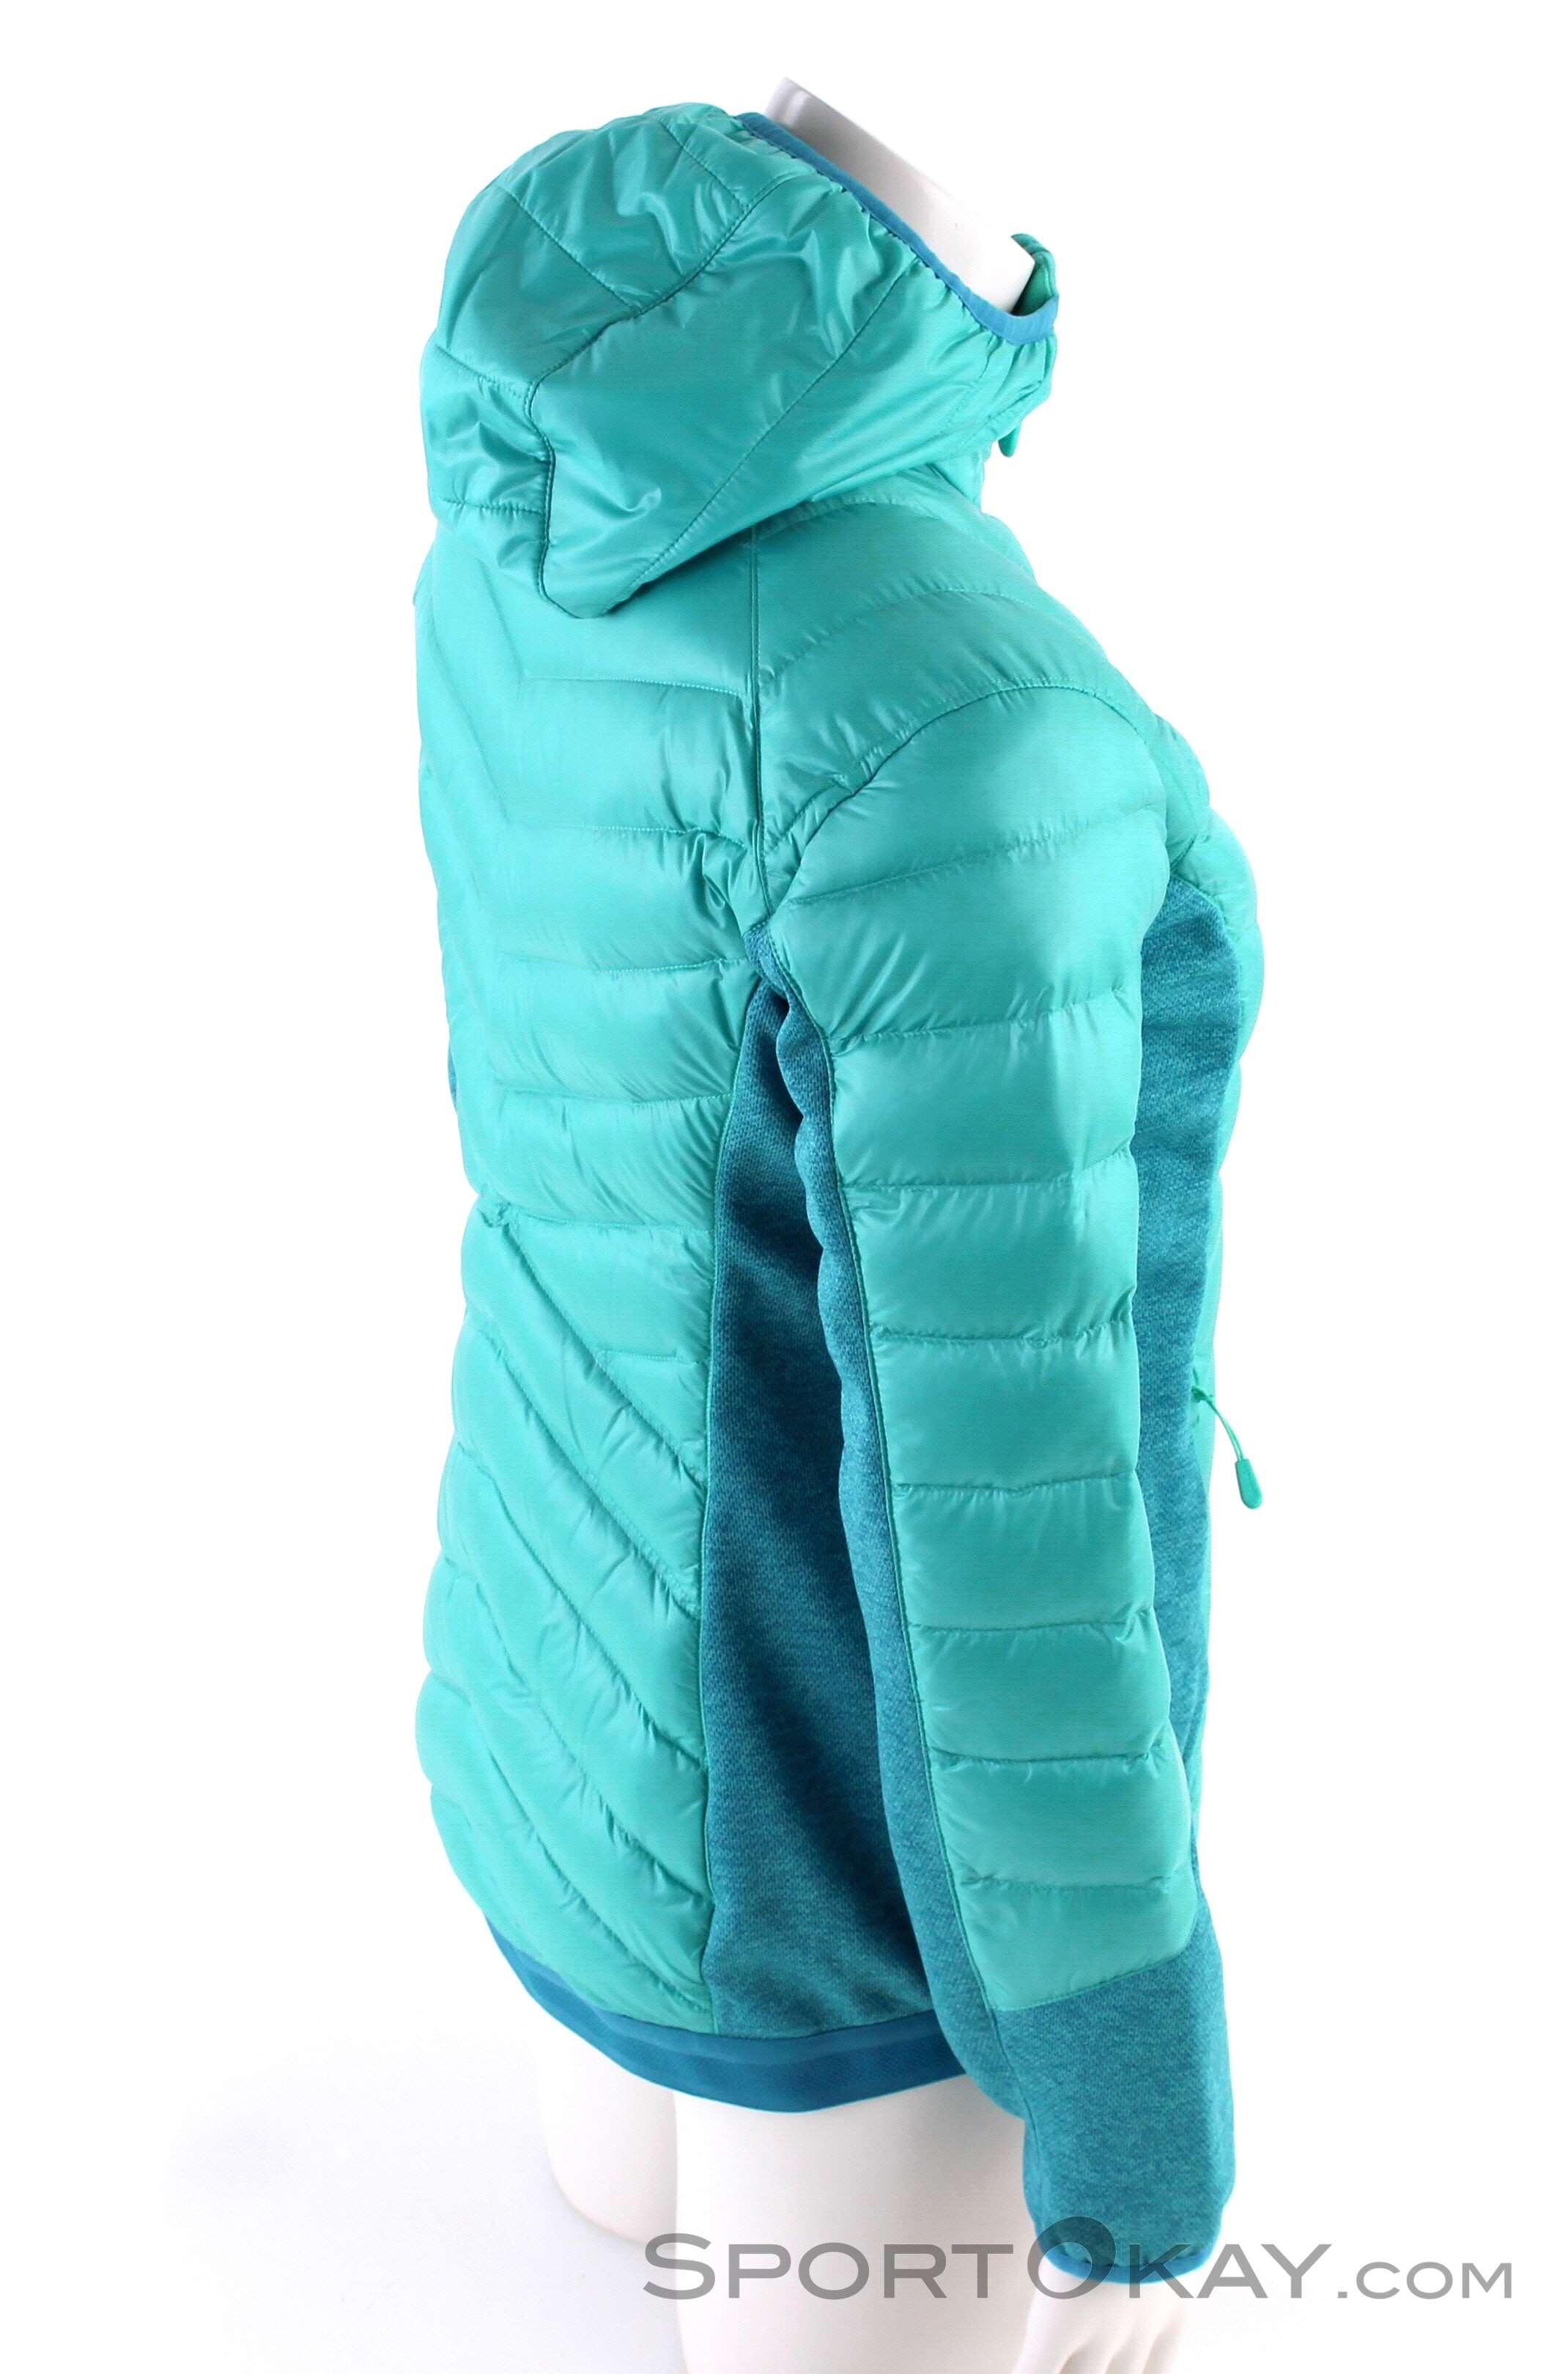 free shipping 3ac27 c2788 Jack Wolfskin Jack Wolfskin Stratosphere Jacket Womens Ski Touring Jacket